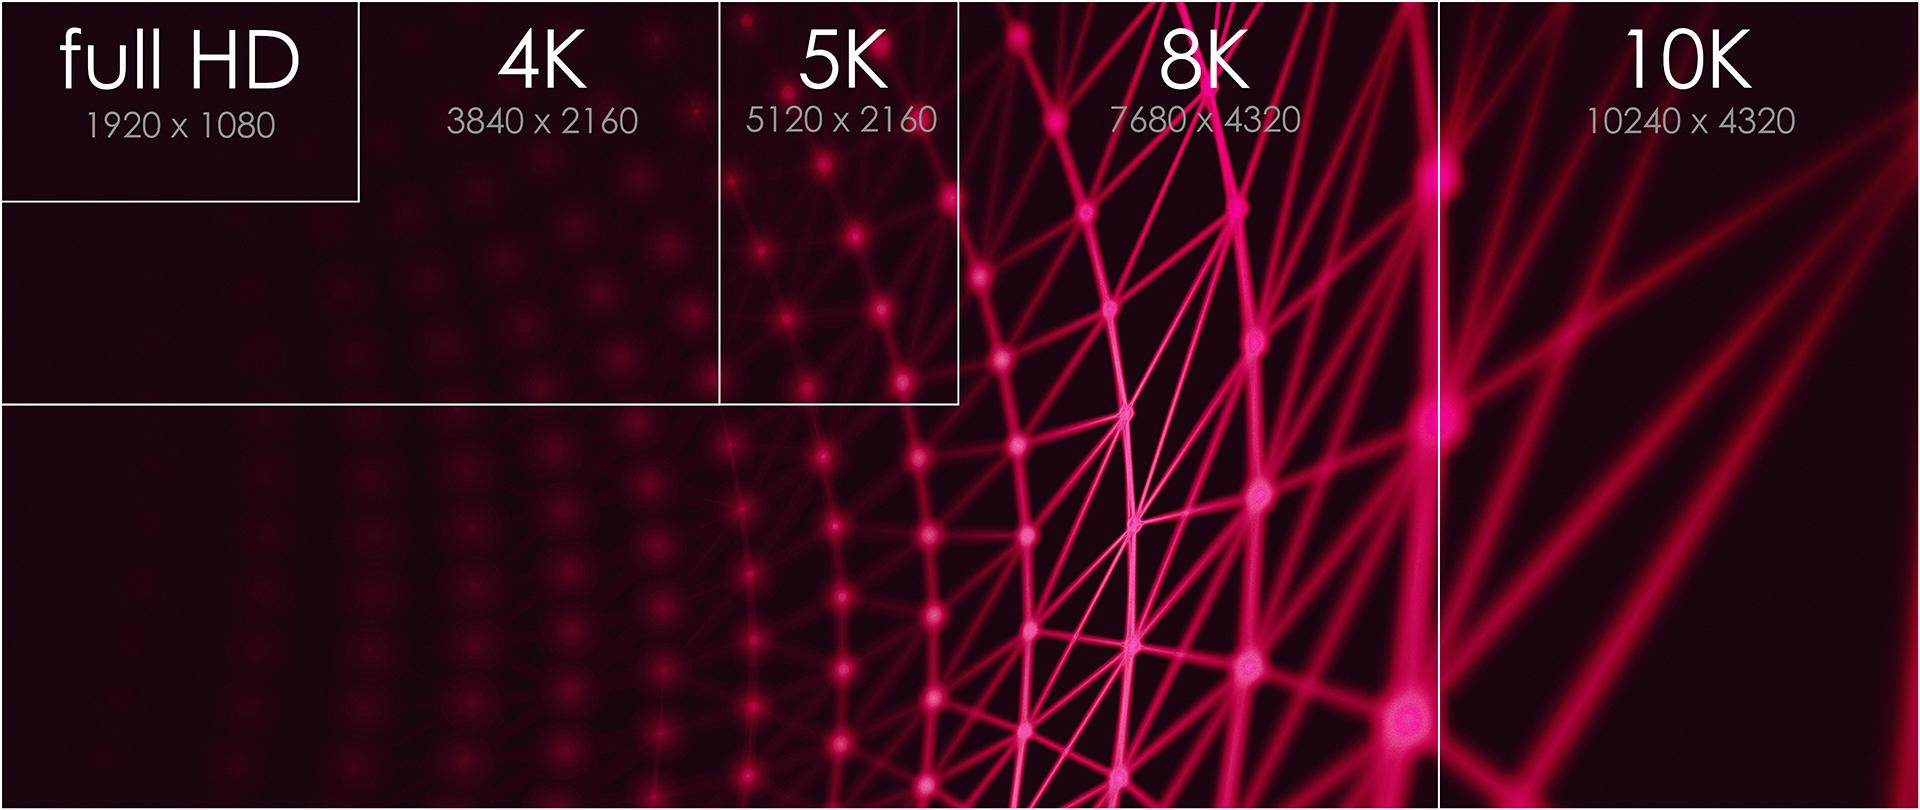 5K-Auflösung - Was ist die 5K-Auflösung? - Wie viele Pixel sind 5K?